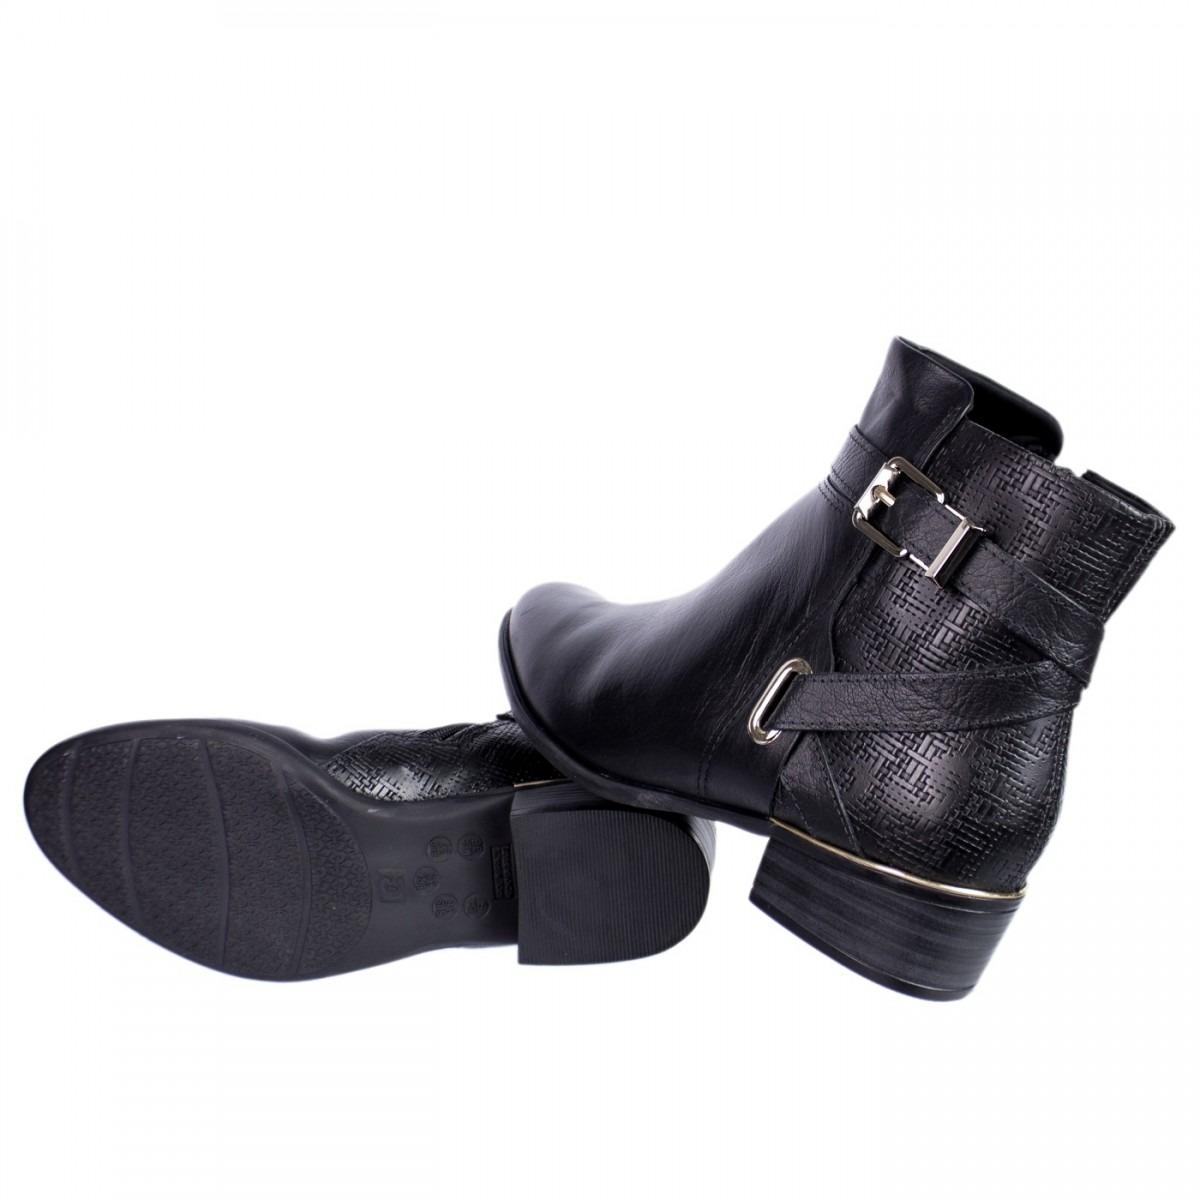 8cab2dfec bota feminina comfortflex cano curto 69302 original - bizz. Carregando zoom.